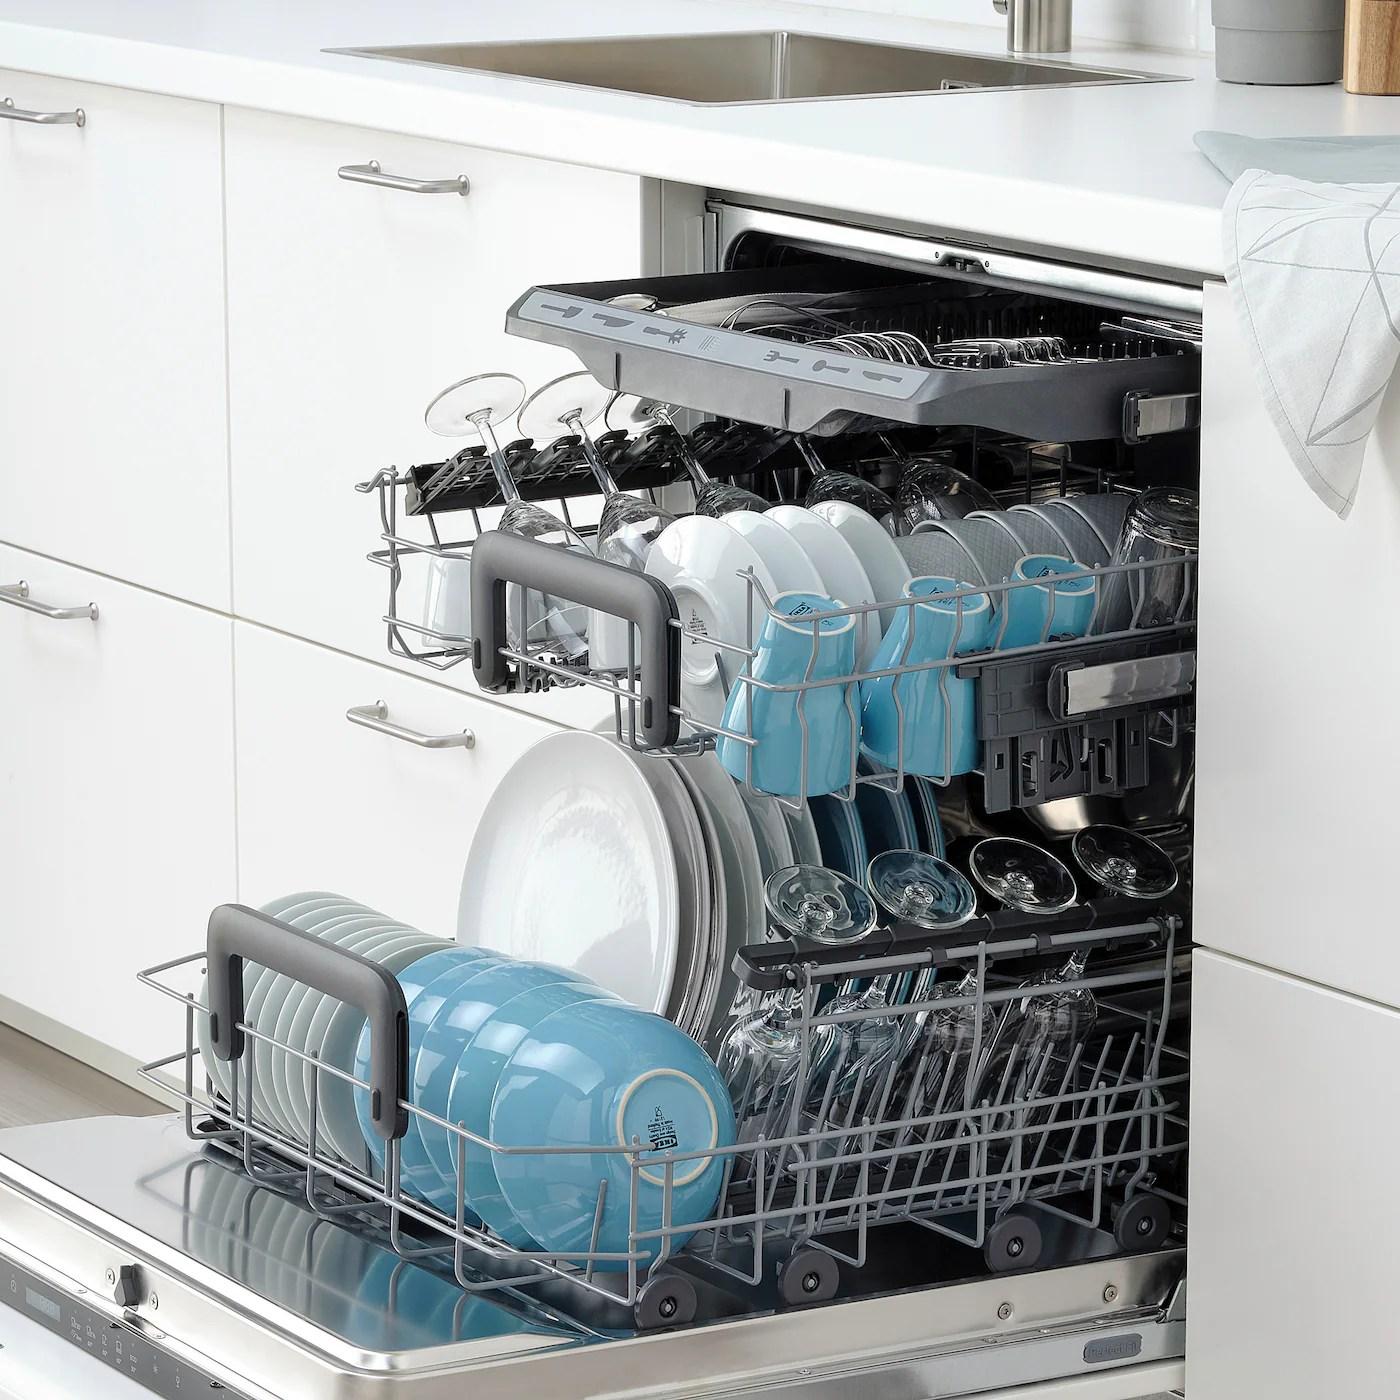 hygienisk lave vaisselle encastrable ikea 500 60 cm